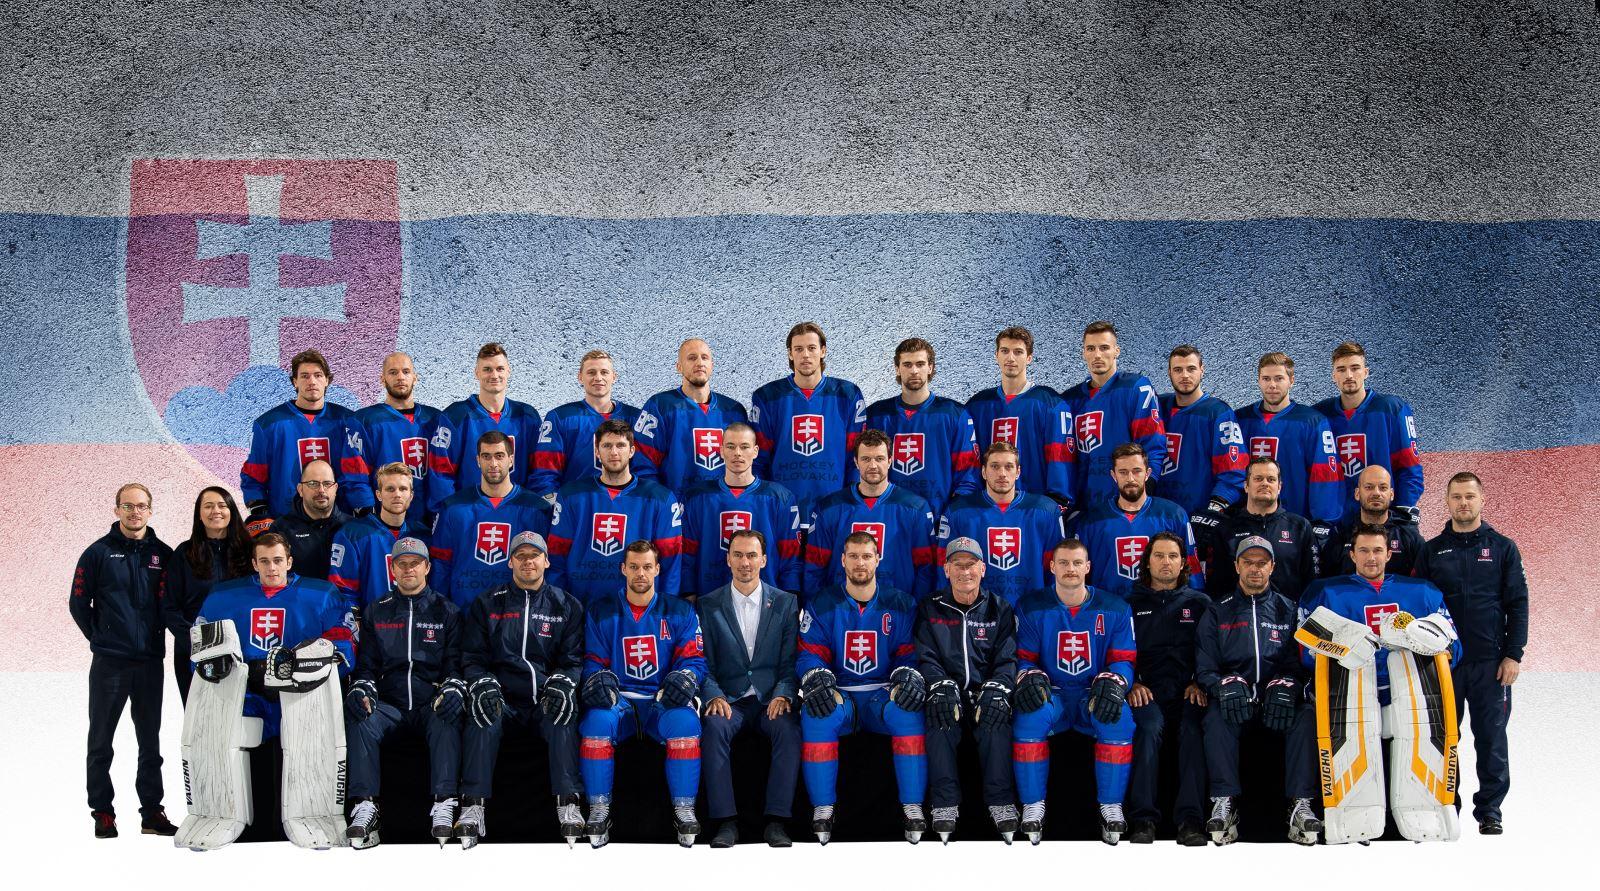 134ae579ad2a9 Reprezentácia A | HockeySlovakia.sk - oficiálny web slovenského hokeja